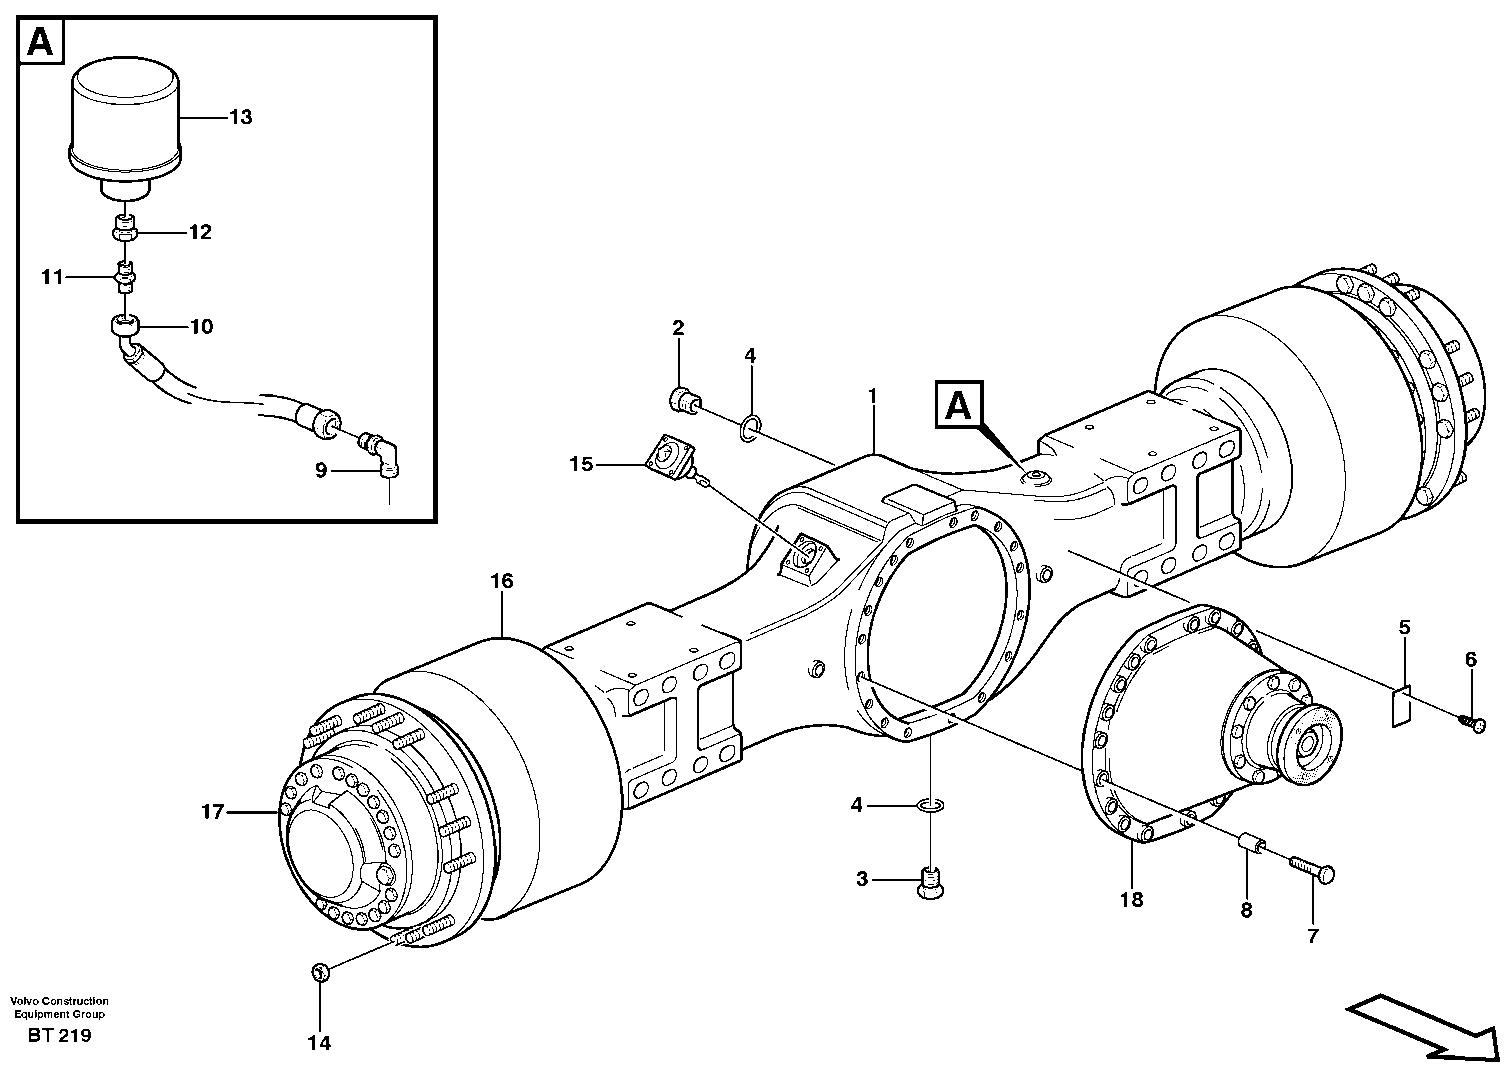 Volvo Hauler Rear Axle Spare Parts